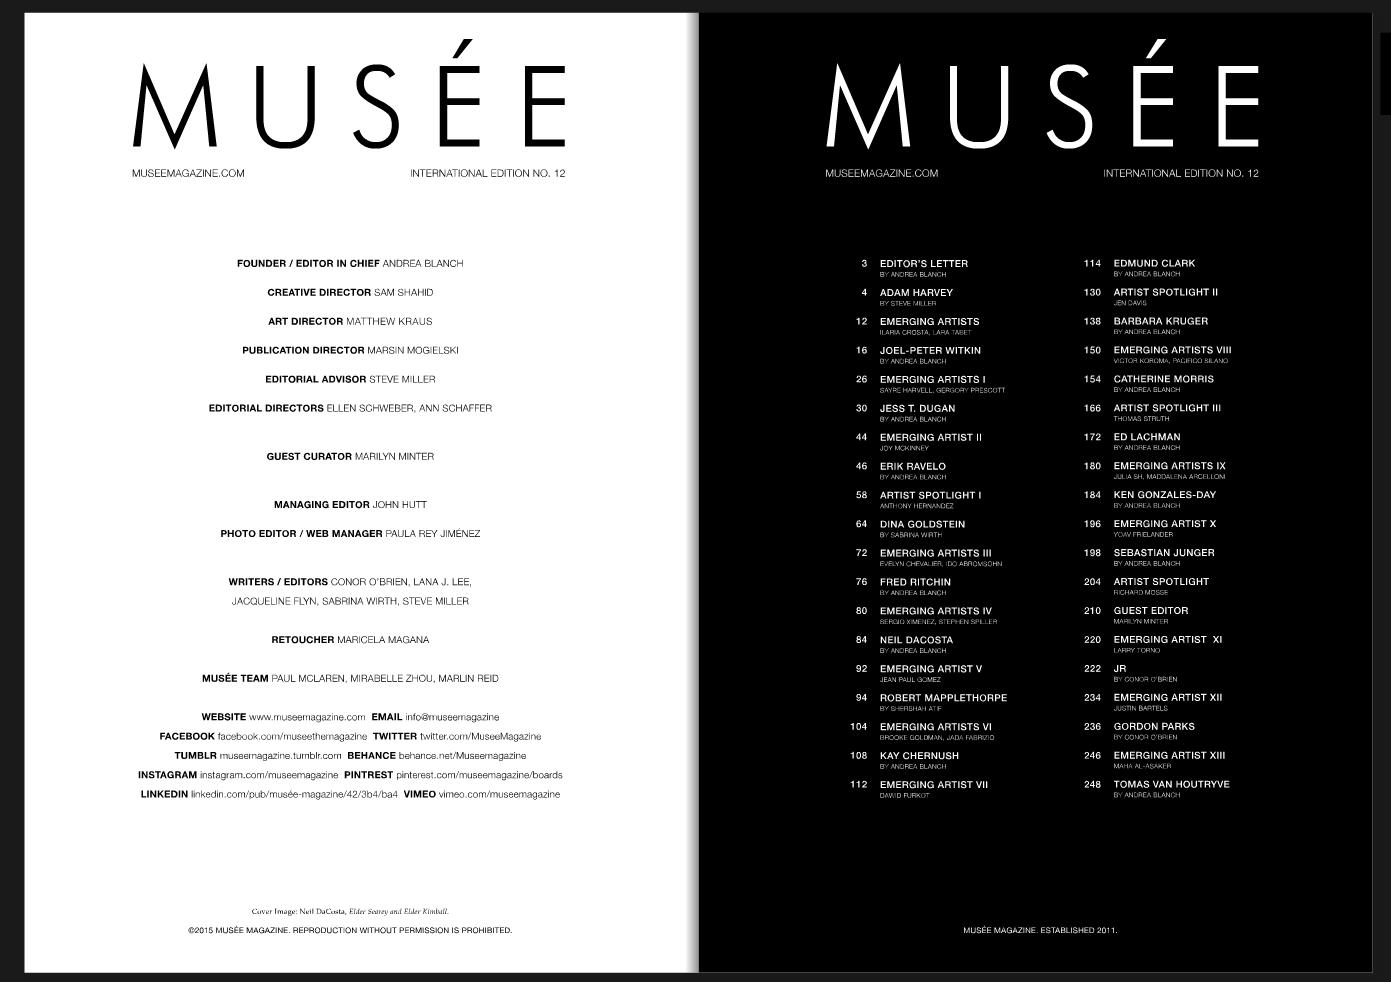 2015 07 08 Musee Magazine Screen Shot 2017-03-26 at 11.02.22 PM.png